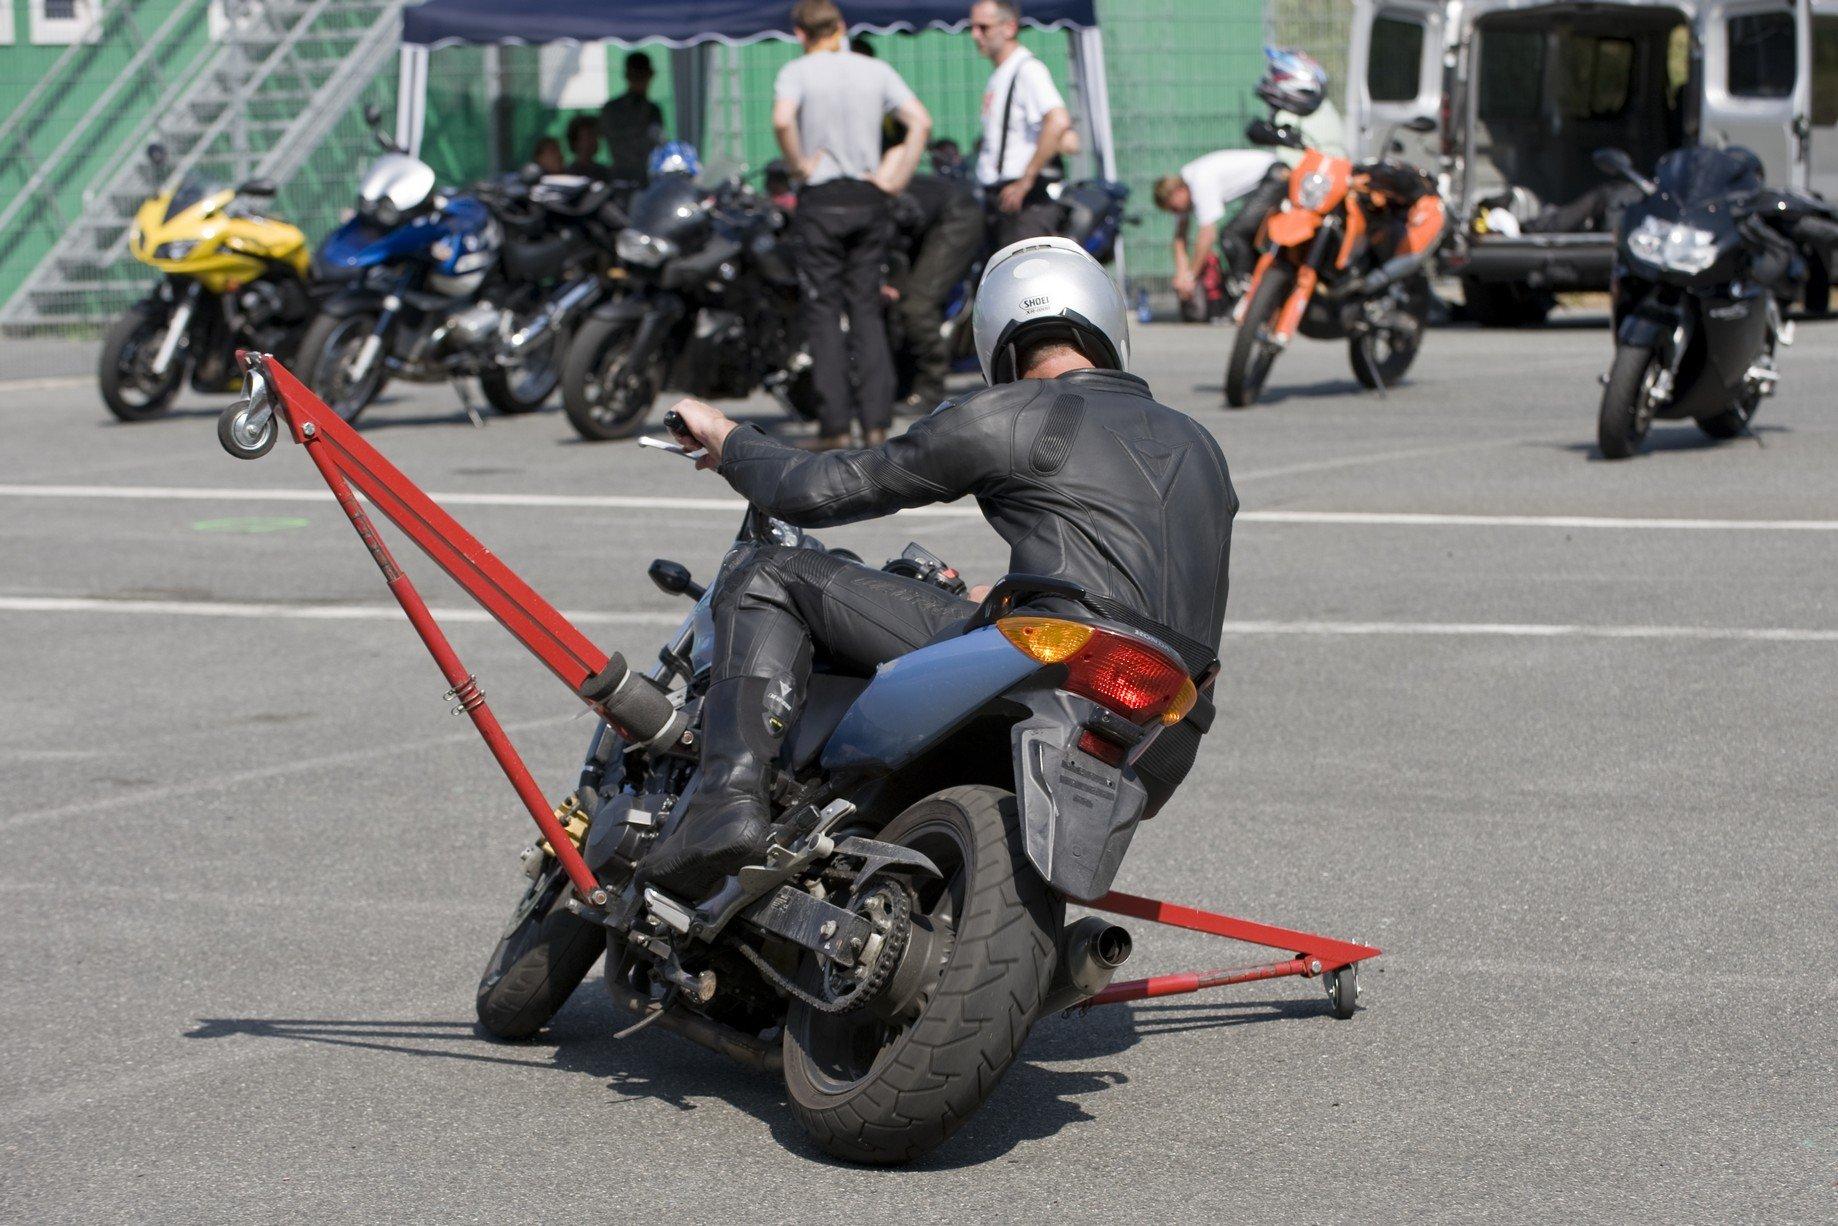 Motorrad-Sicherheitstraining-Schraeglagentraining-009